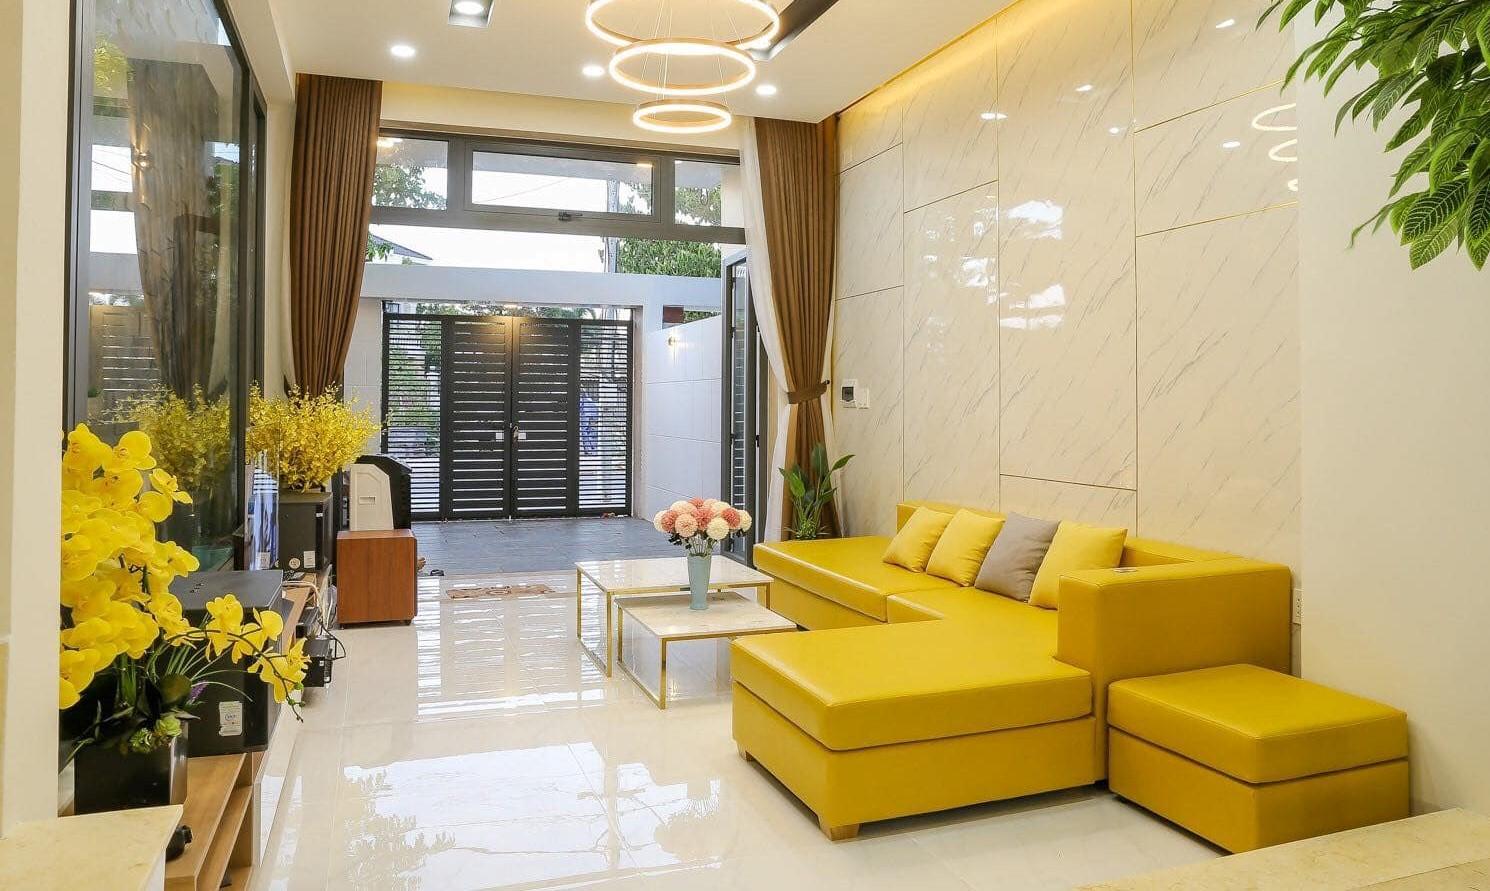 Bật mí cách trang trí phòng hiện đại cho từng cấu trúc nhà